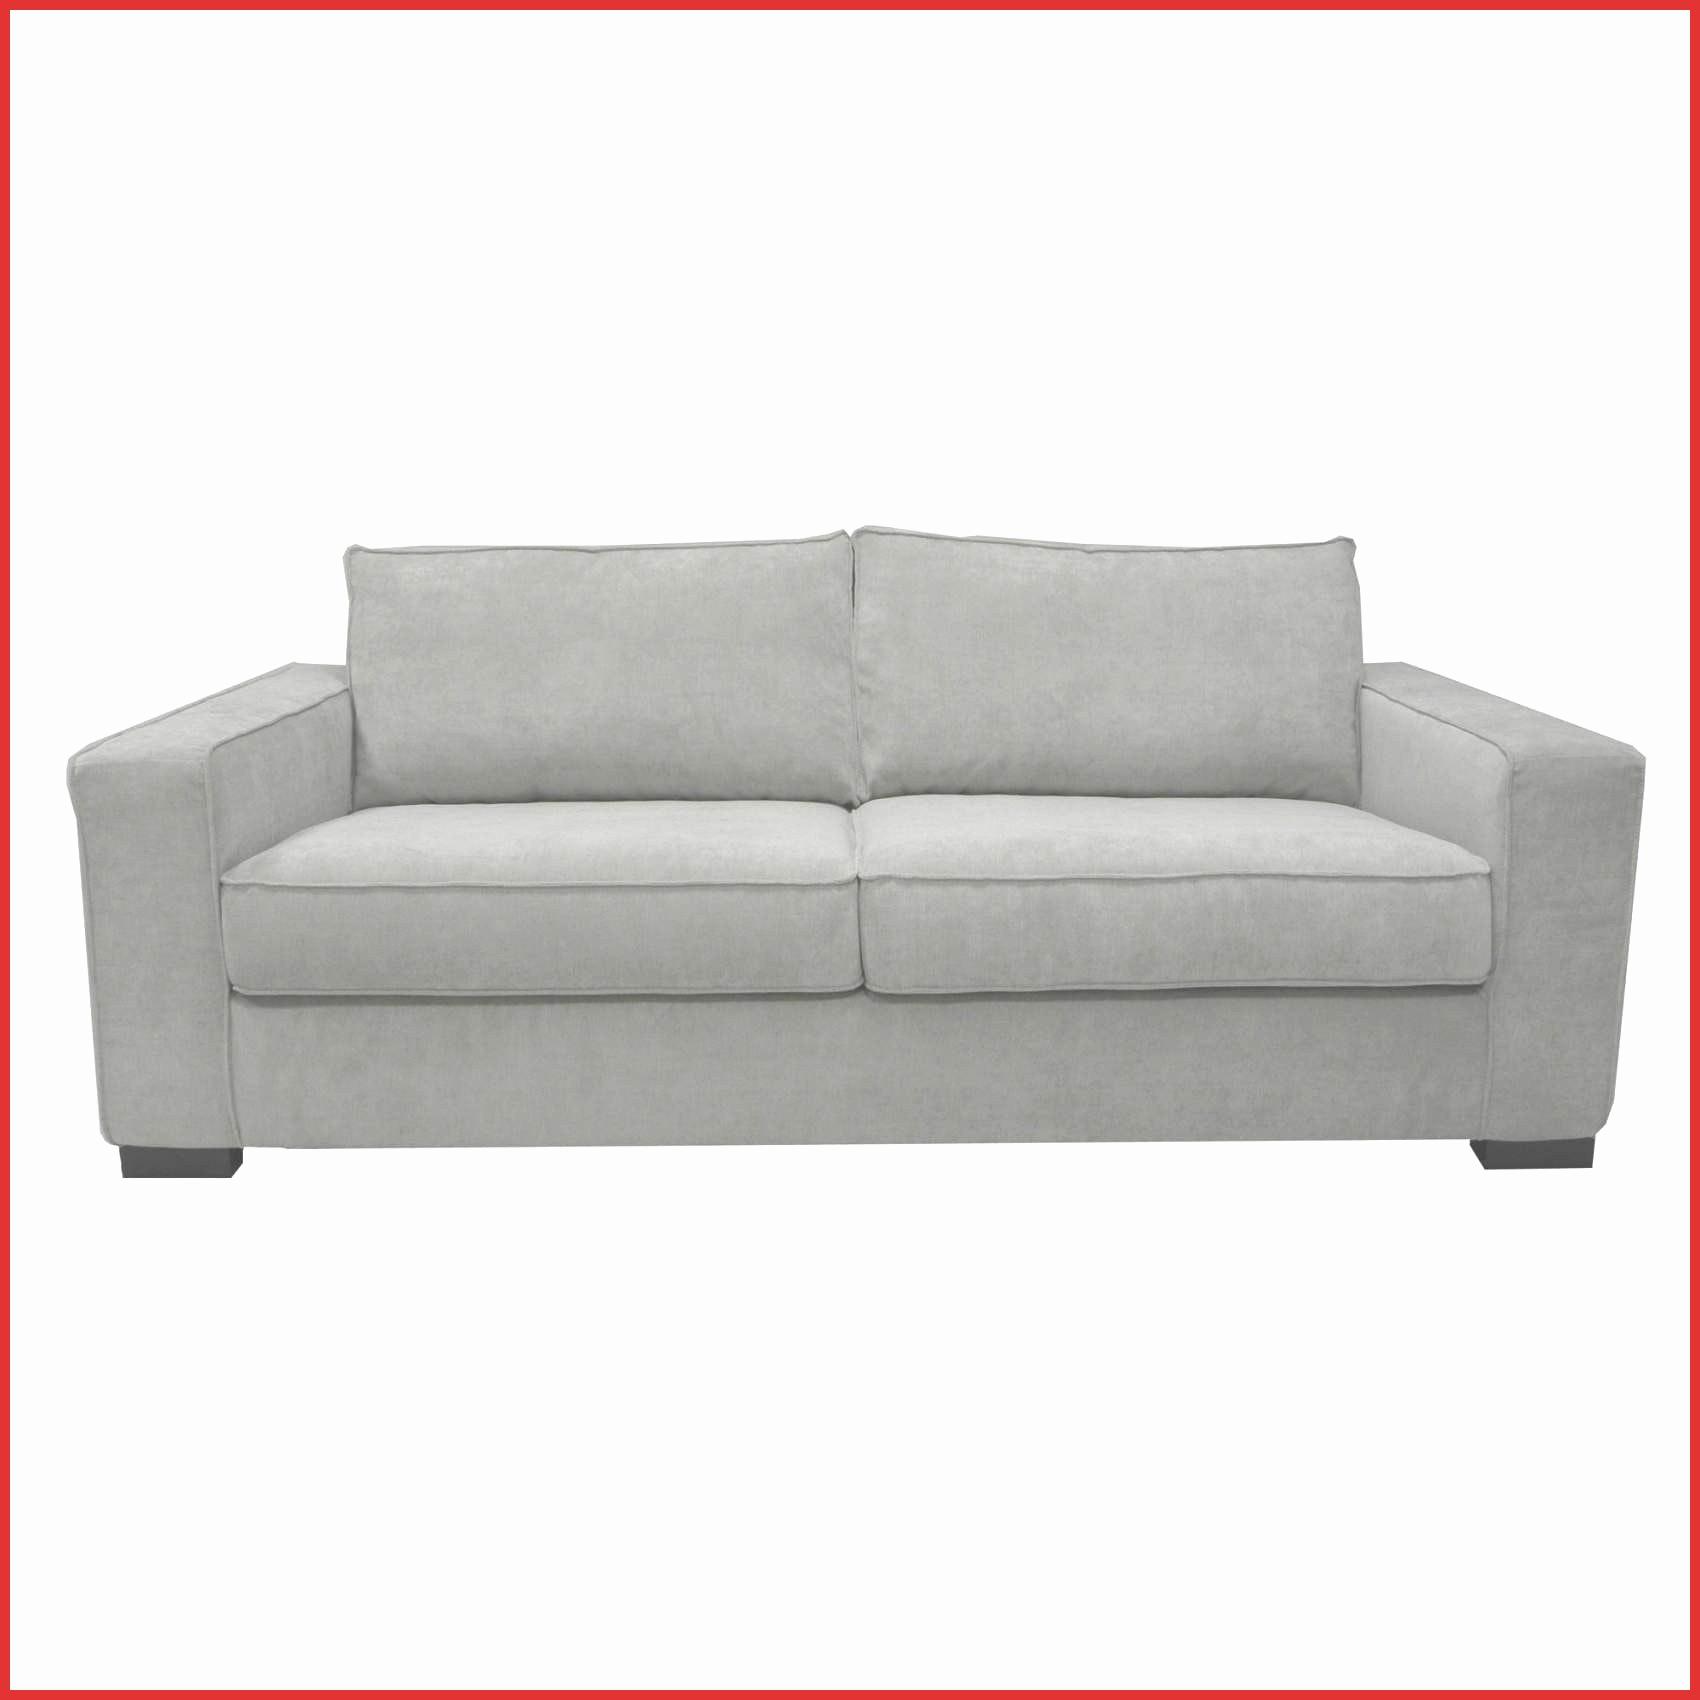 But Canapé Convertible 3 Places Meilleur De Image Canap Convertible 3 Places Conforama 11 Lit 2 Pas Cher Ikea but